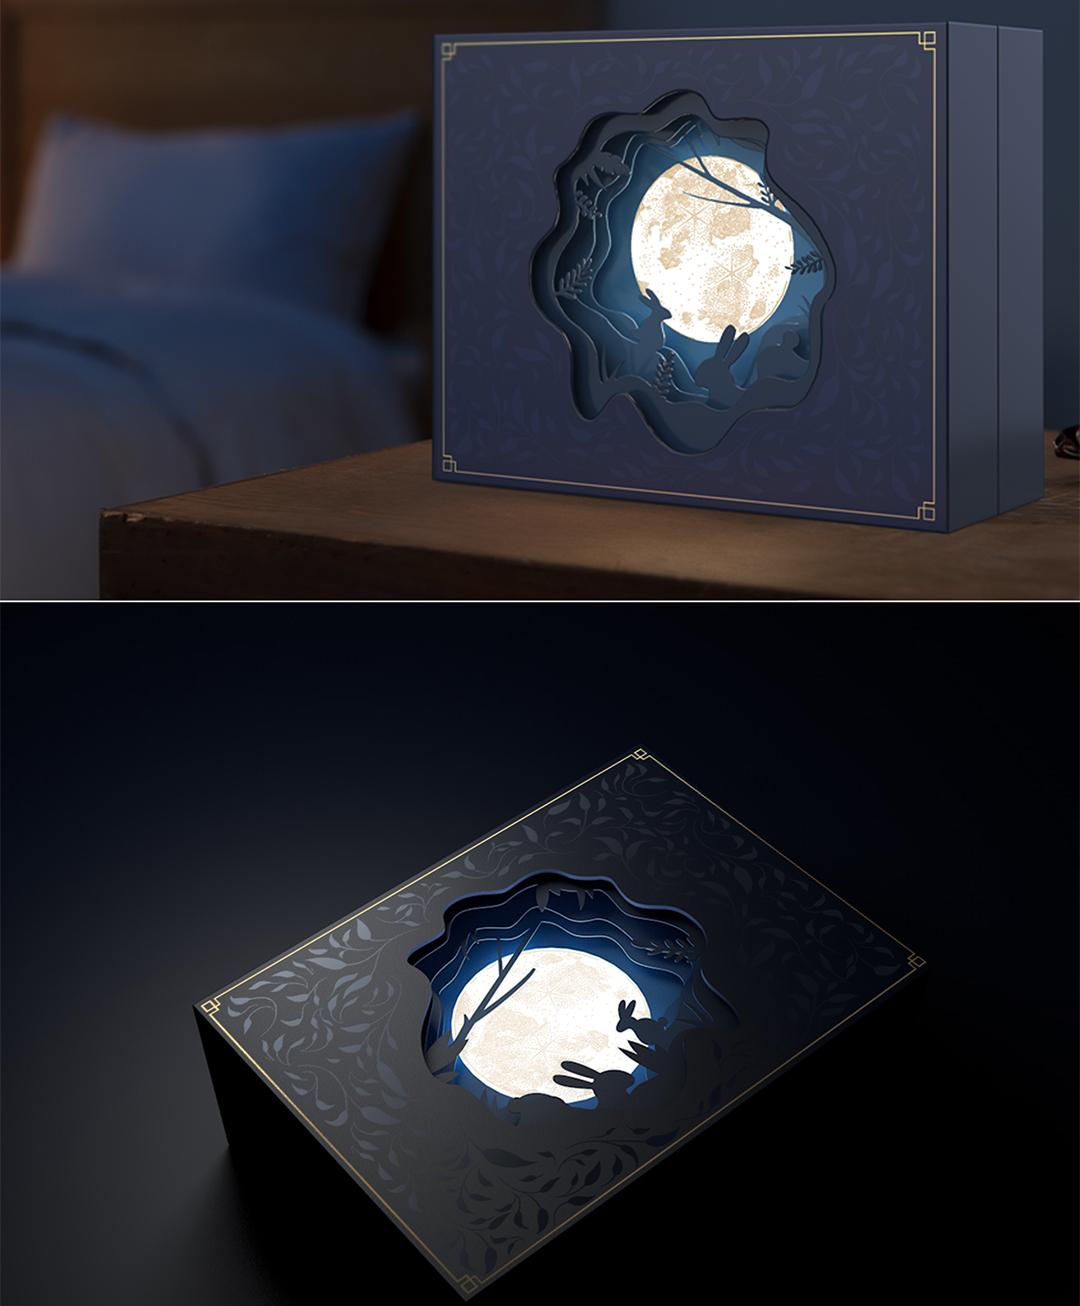 红帕原创设计中秋礼盒杯子套装《月来越好》